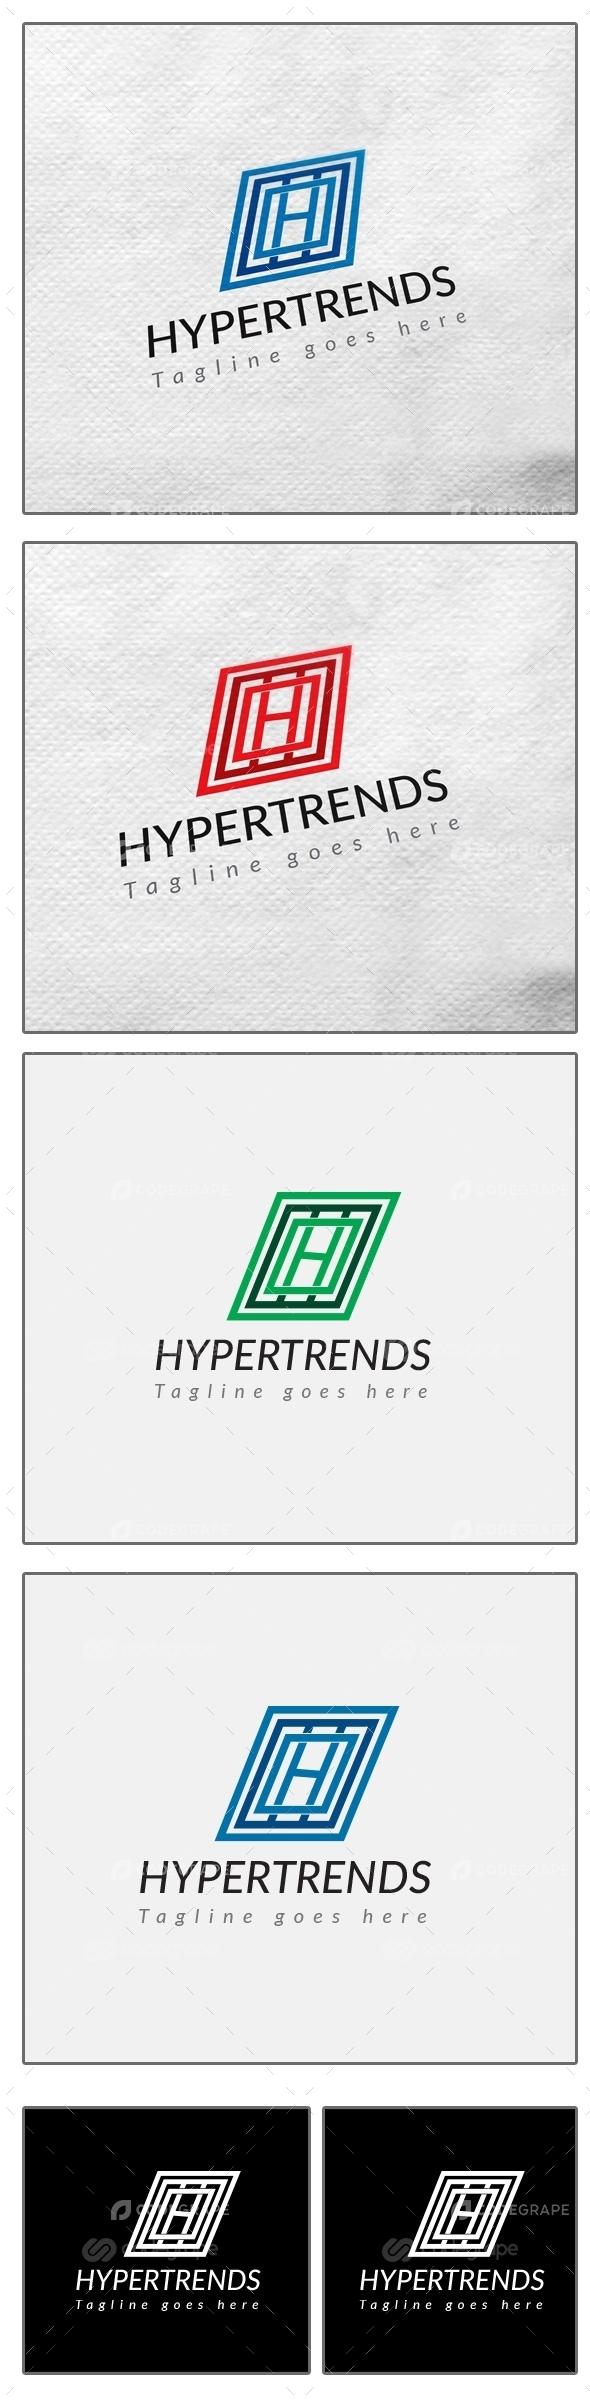 HYPERTRENDS Business Logo